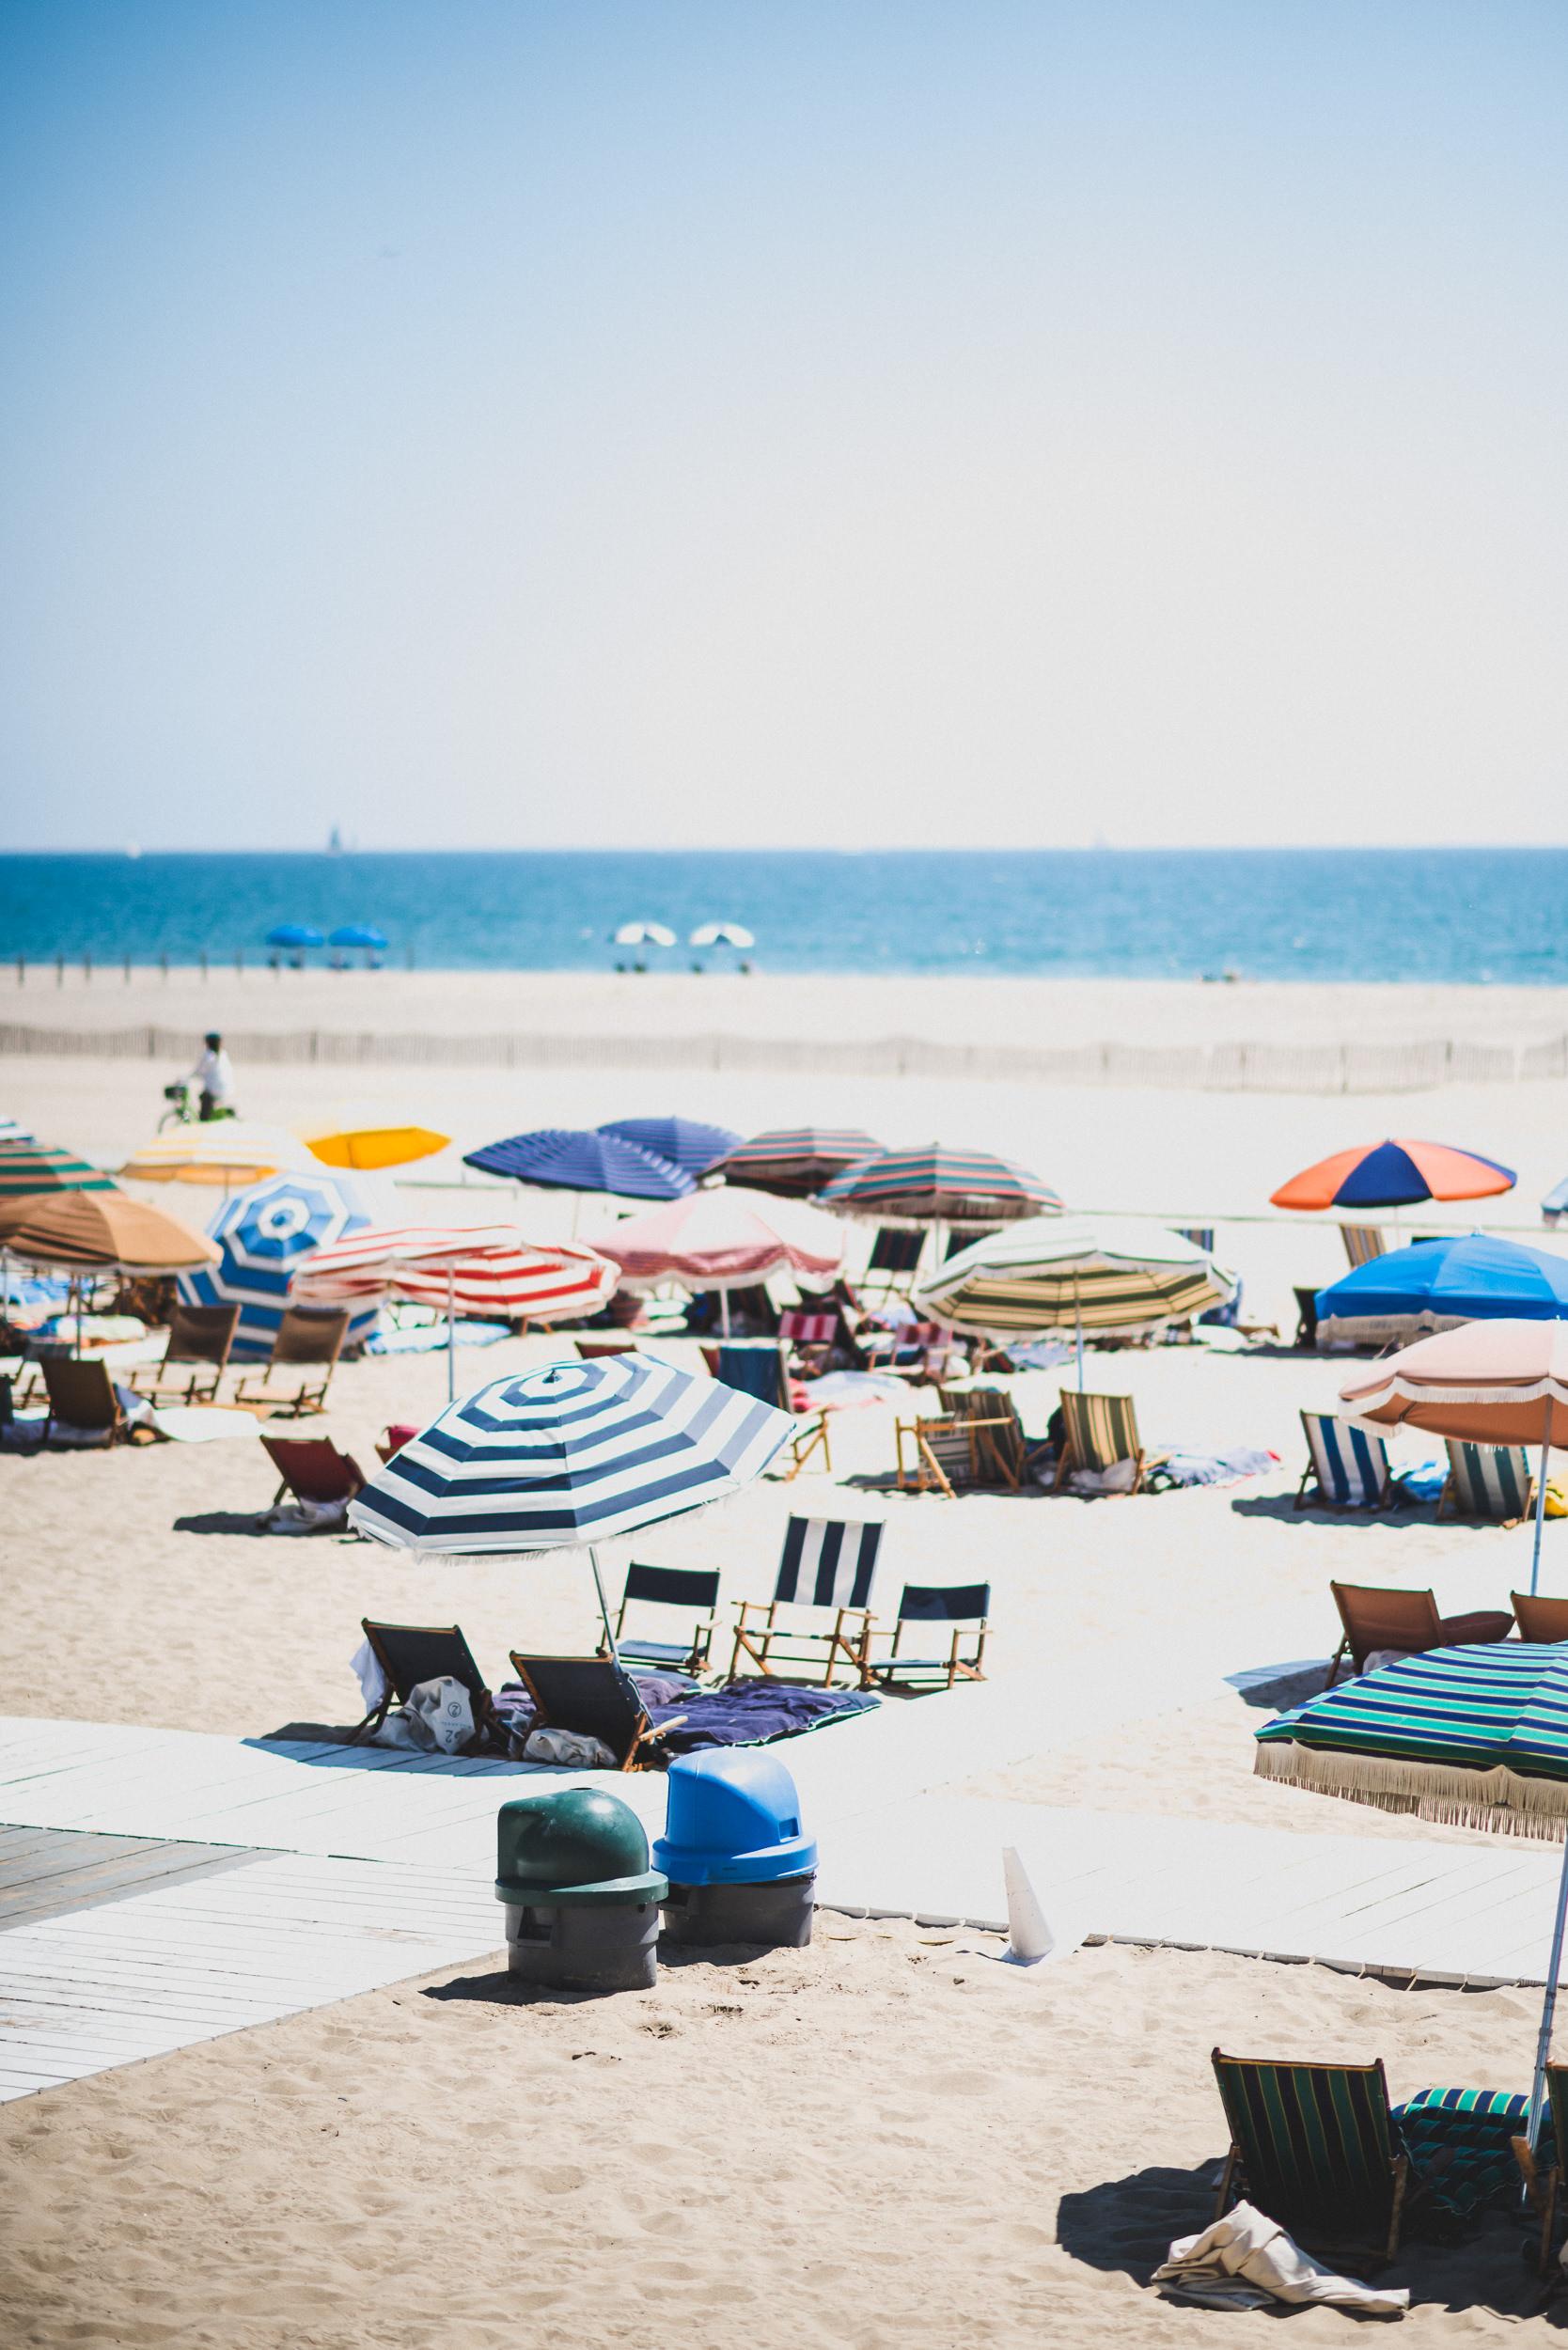 sA+B - The Beach Club - Santa Monica CA - 02 Details-6.jpg